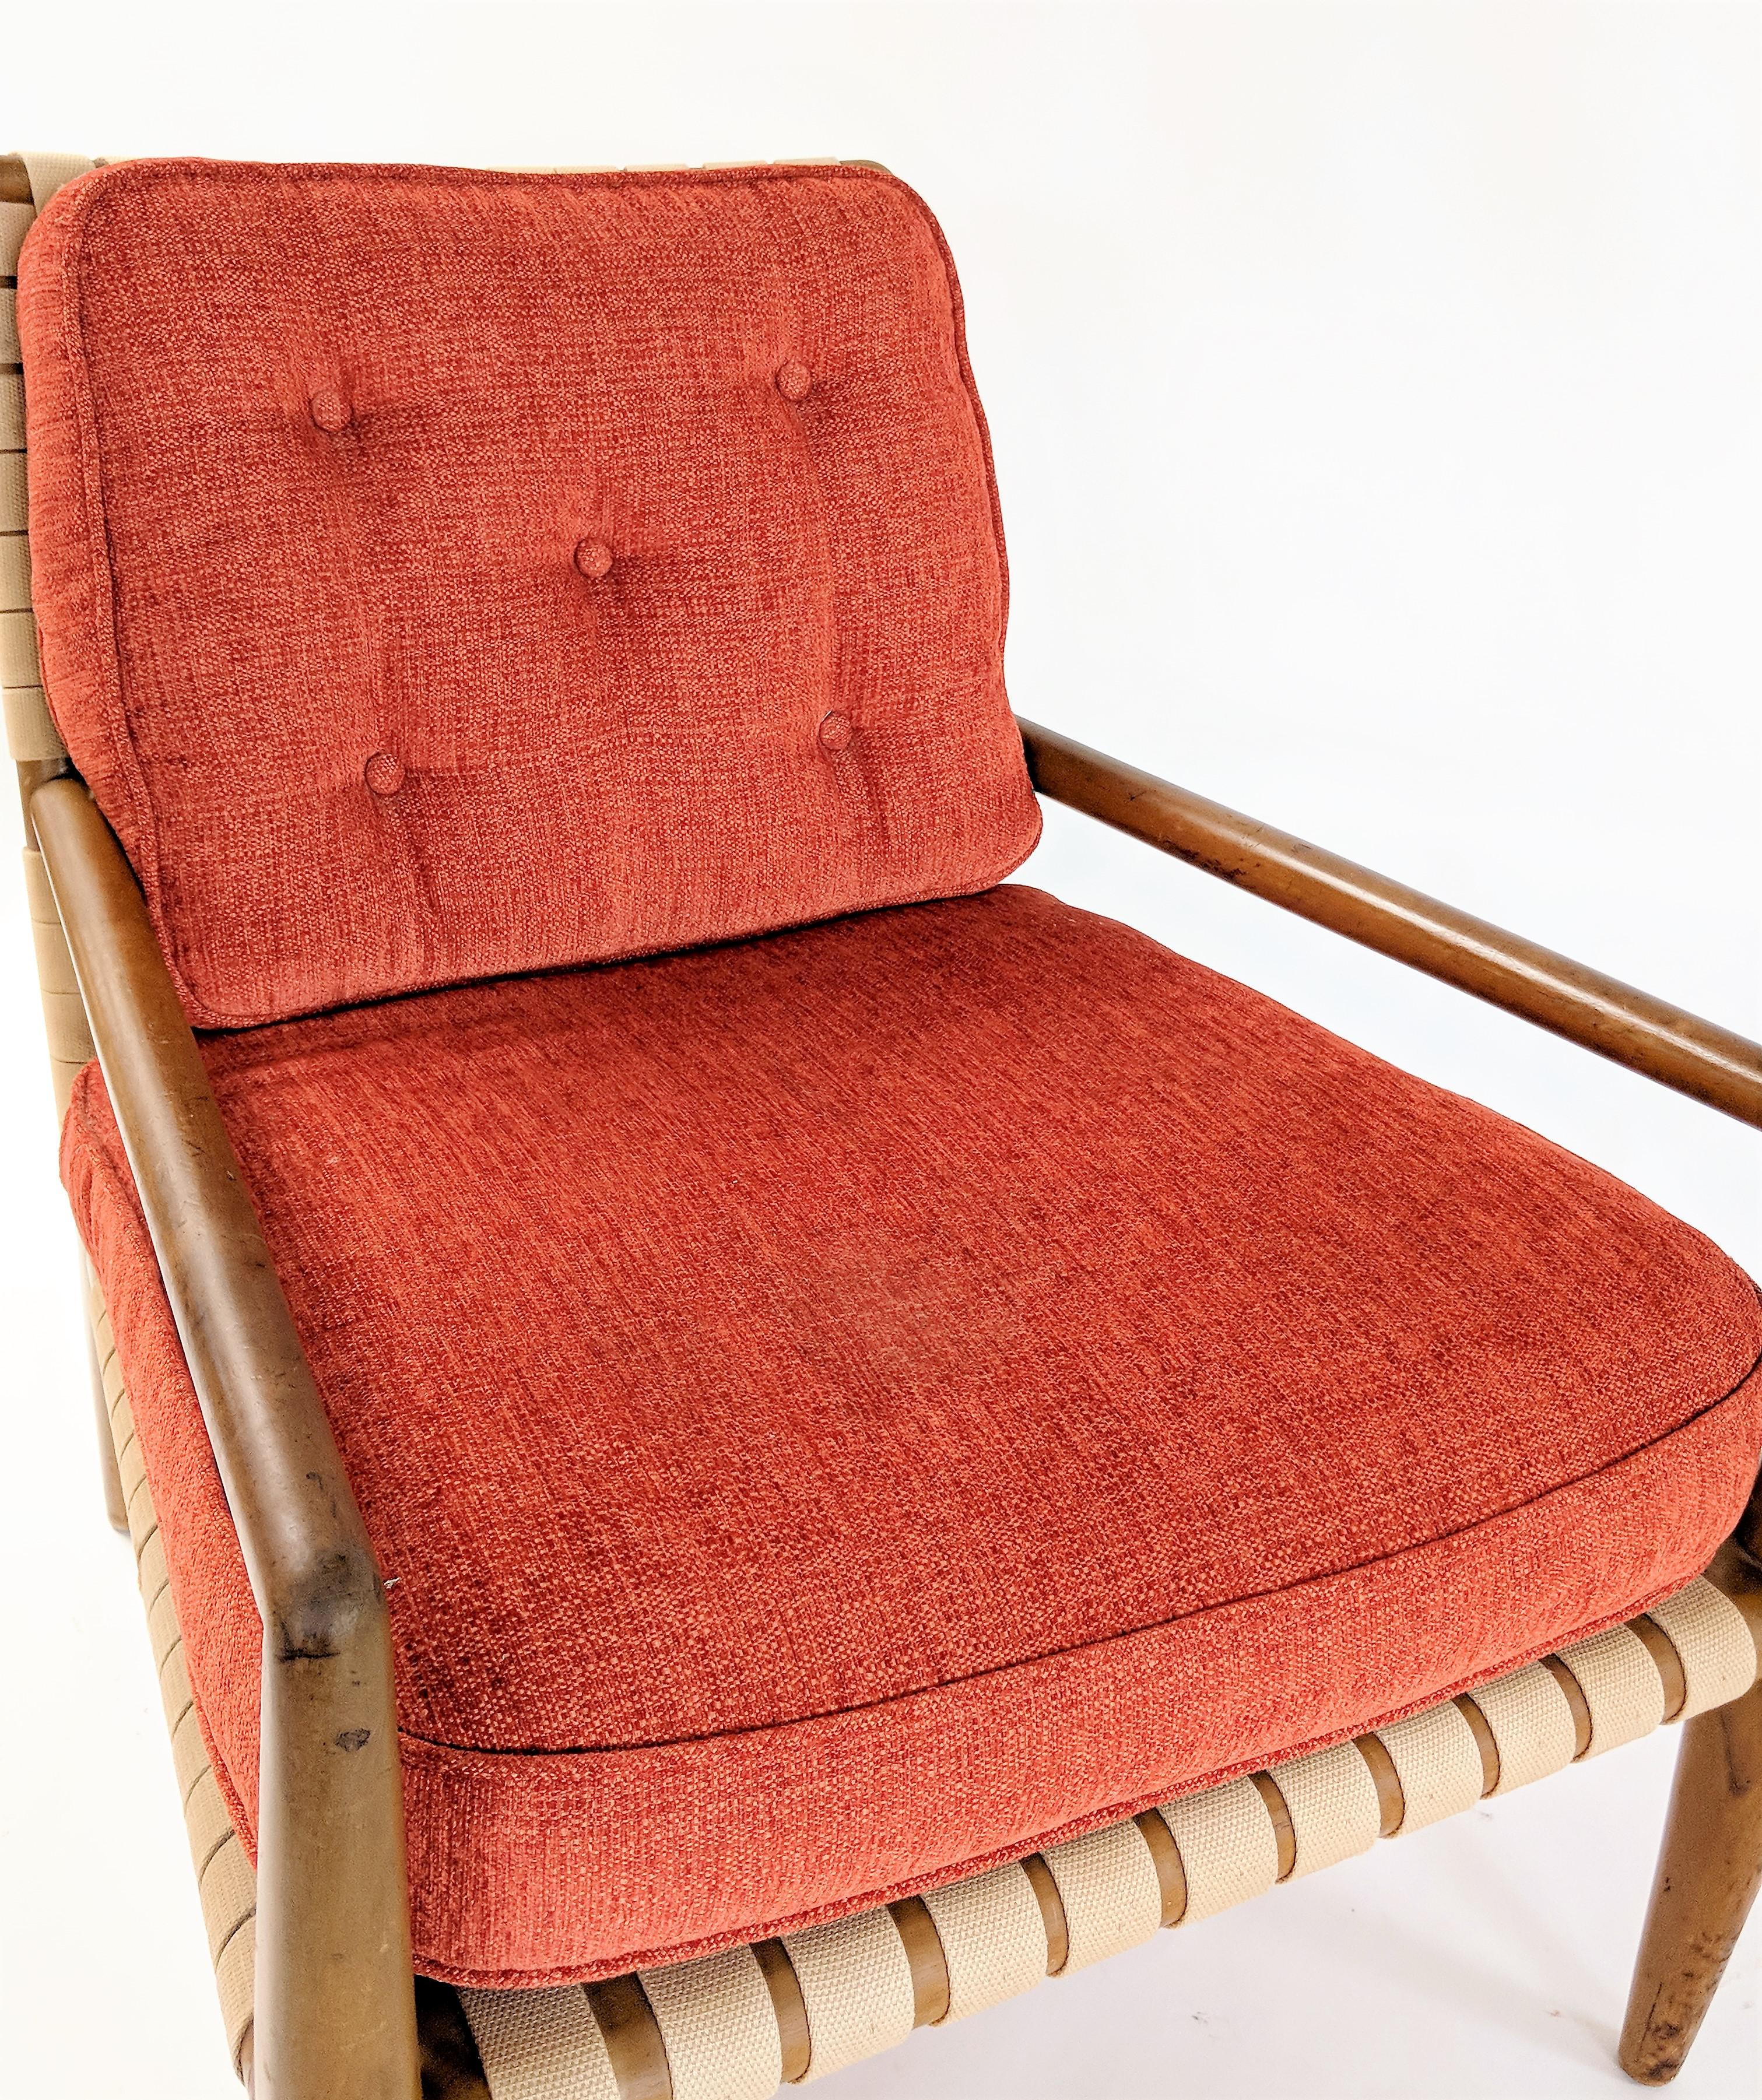 1950s 1950s Mid Century Modern T. H. Robsjohn Gibbings Web Strap Chair For  Sale   Image